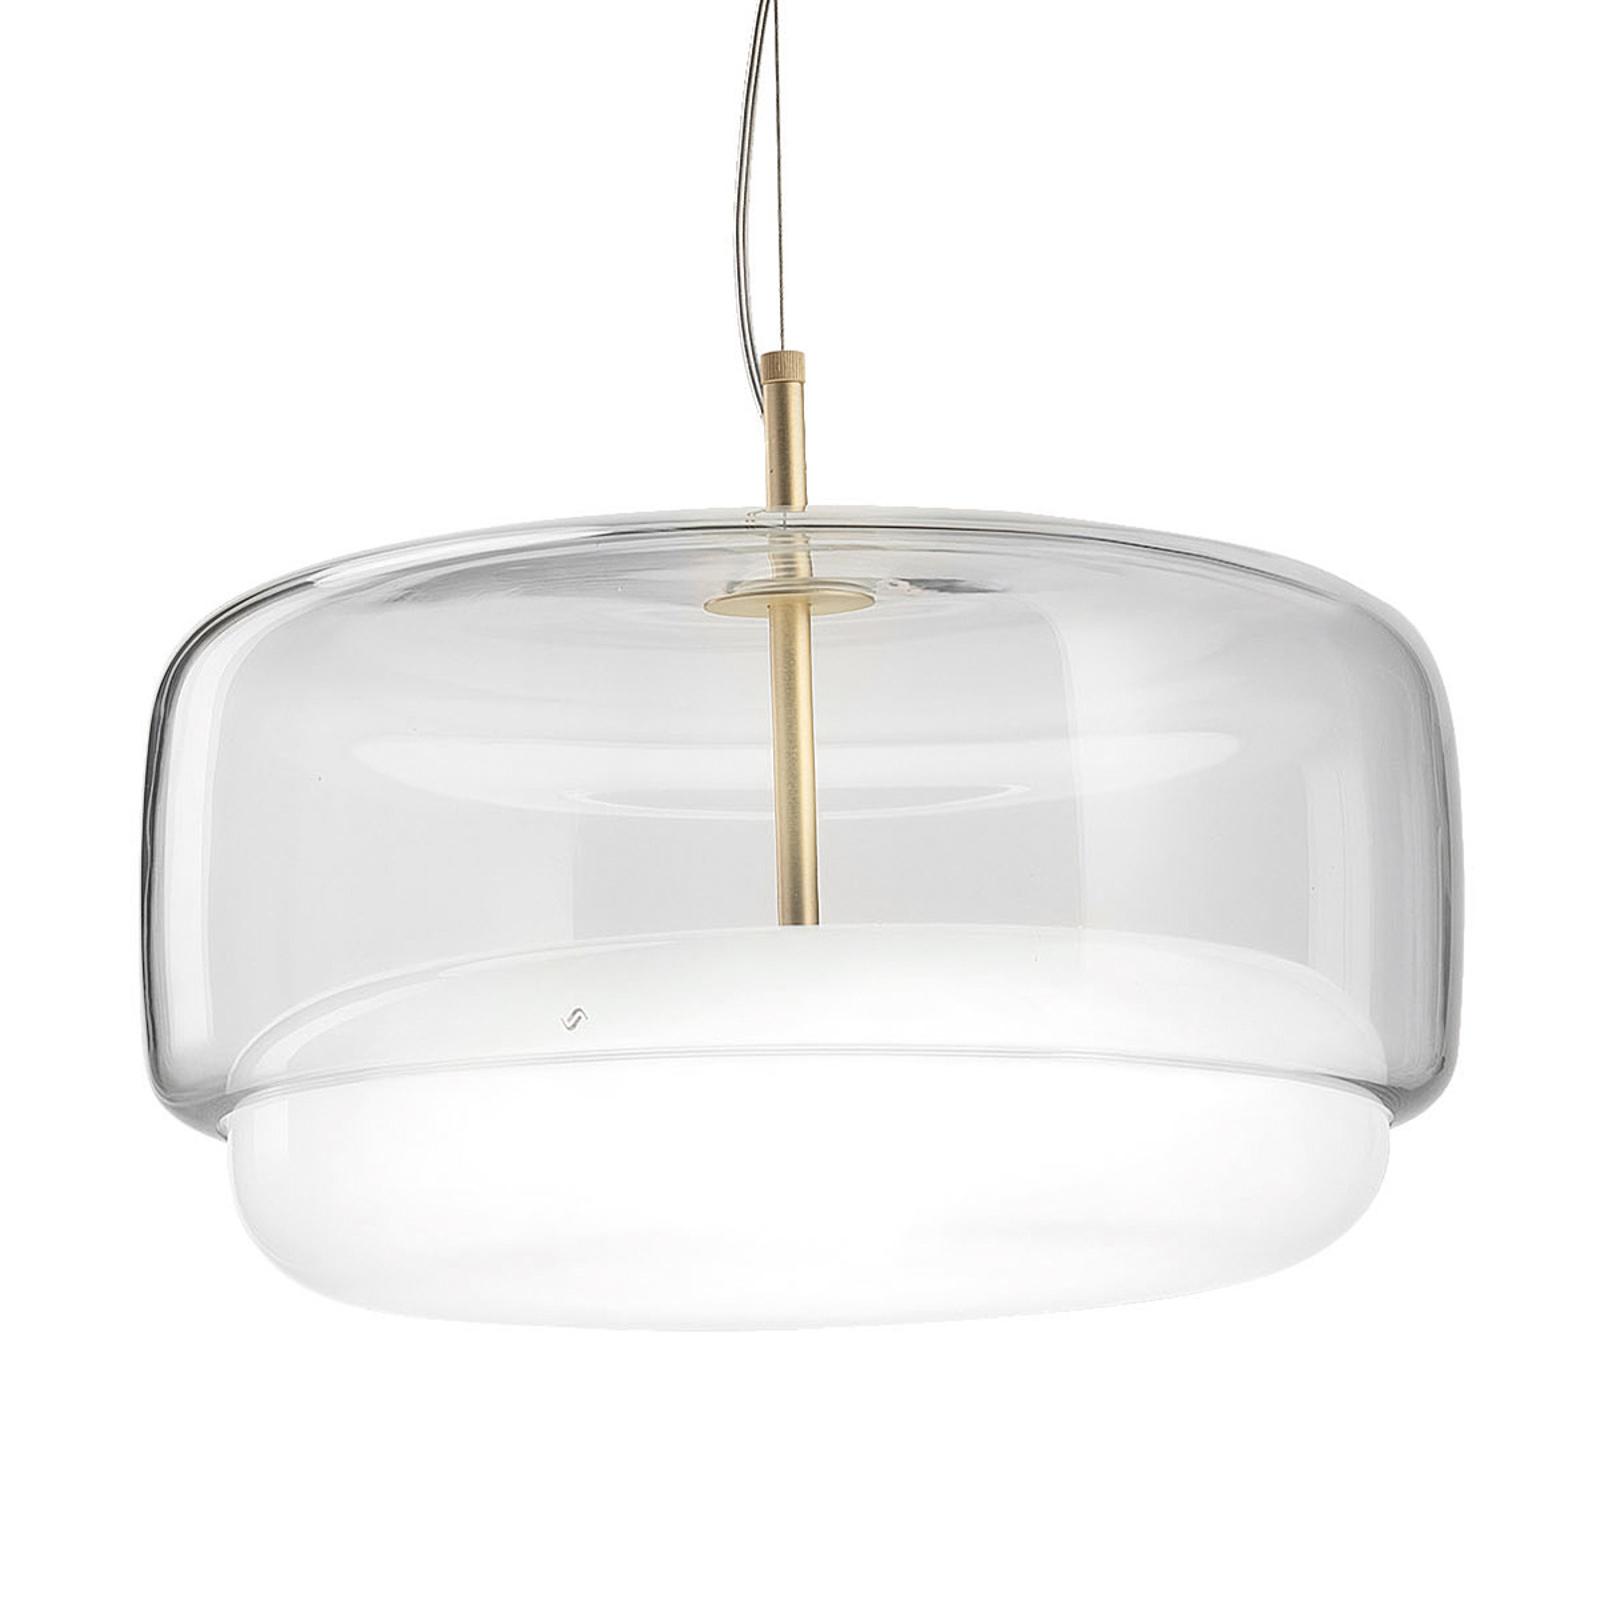 LED-Hängelampe Jube SP G, klar/weiß, 3.000K, DIM2